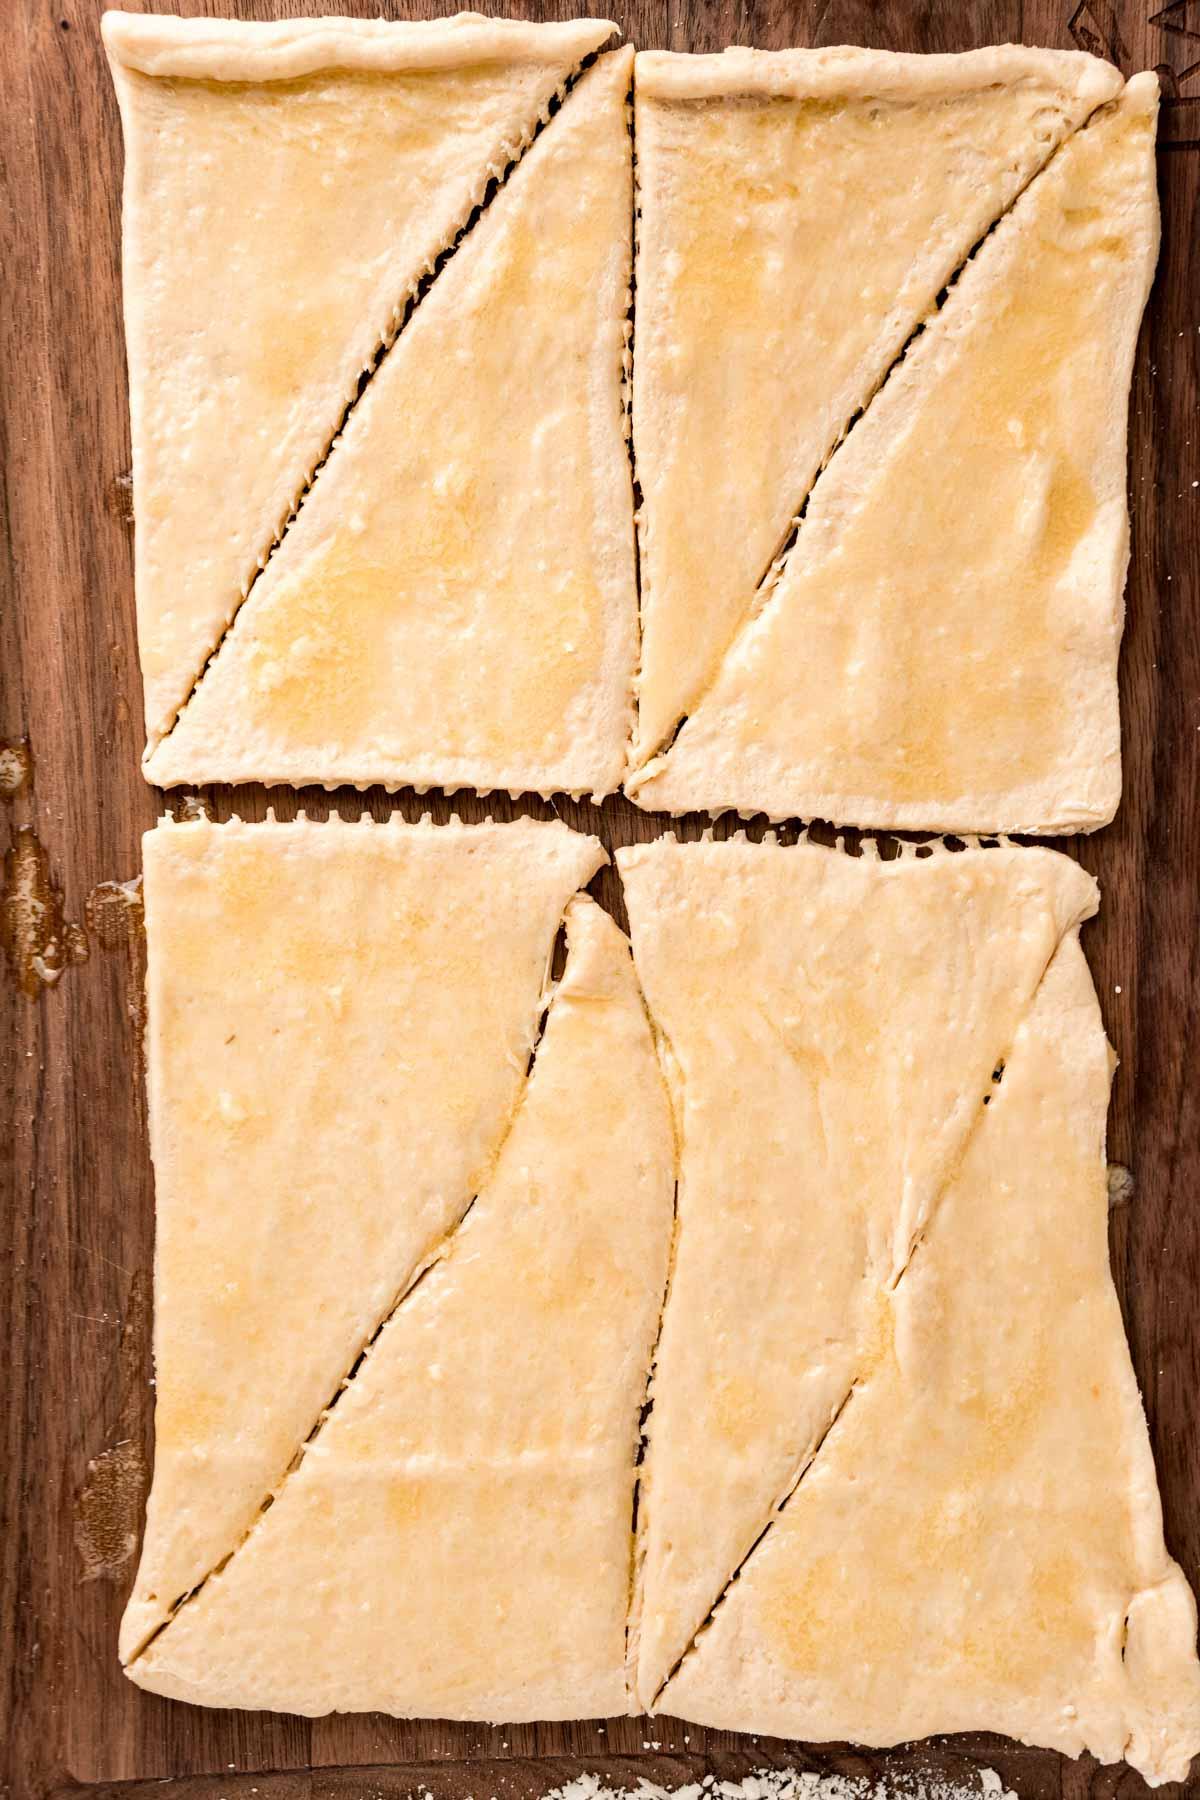 Crescent rolls on a baking sheet